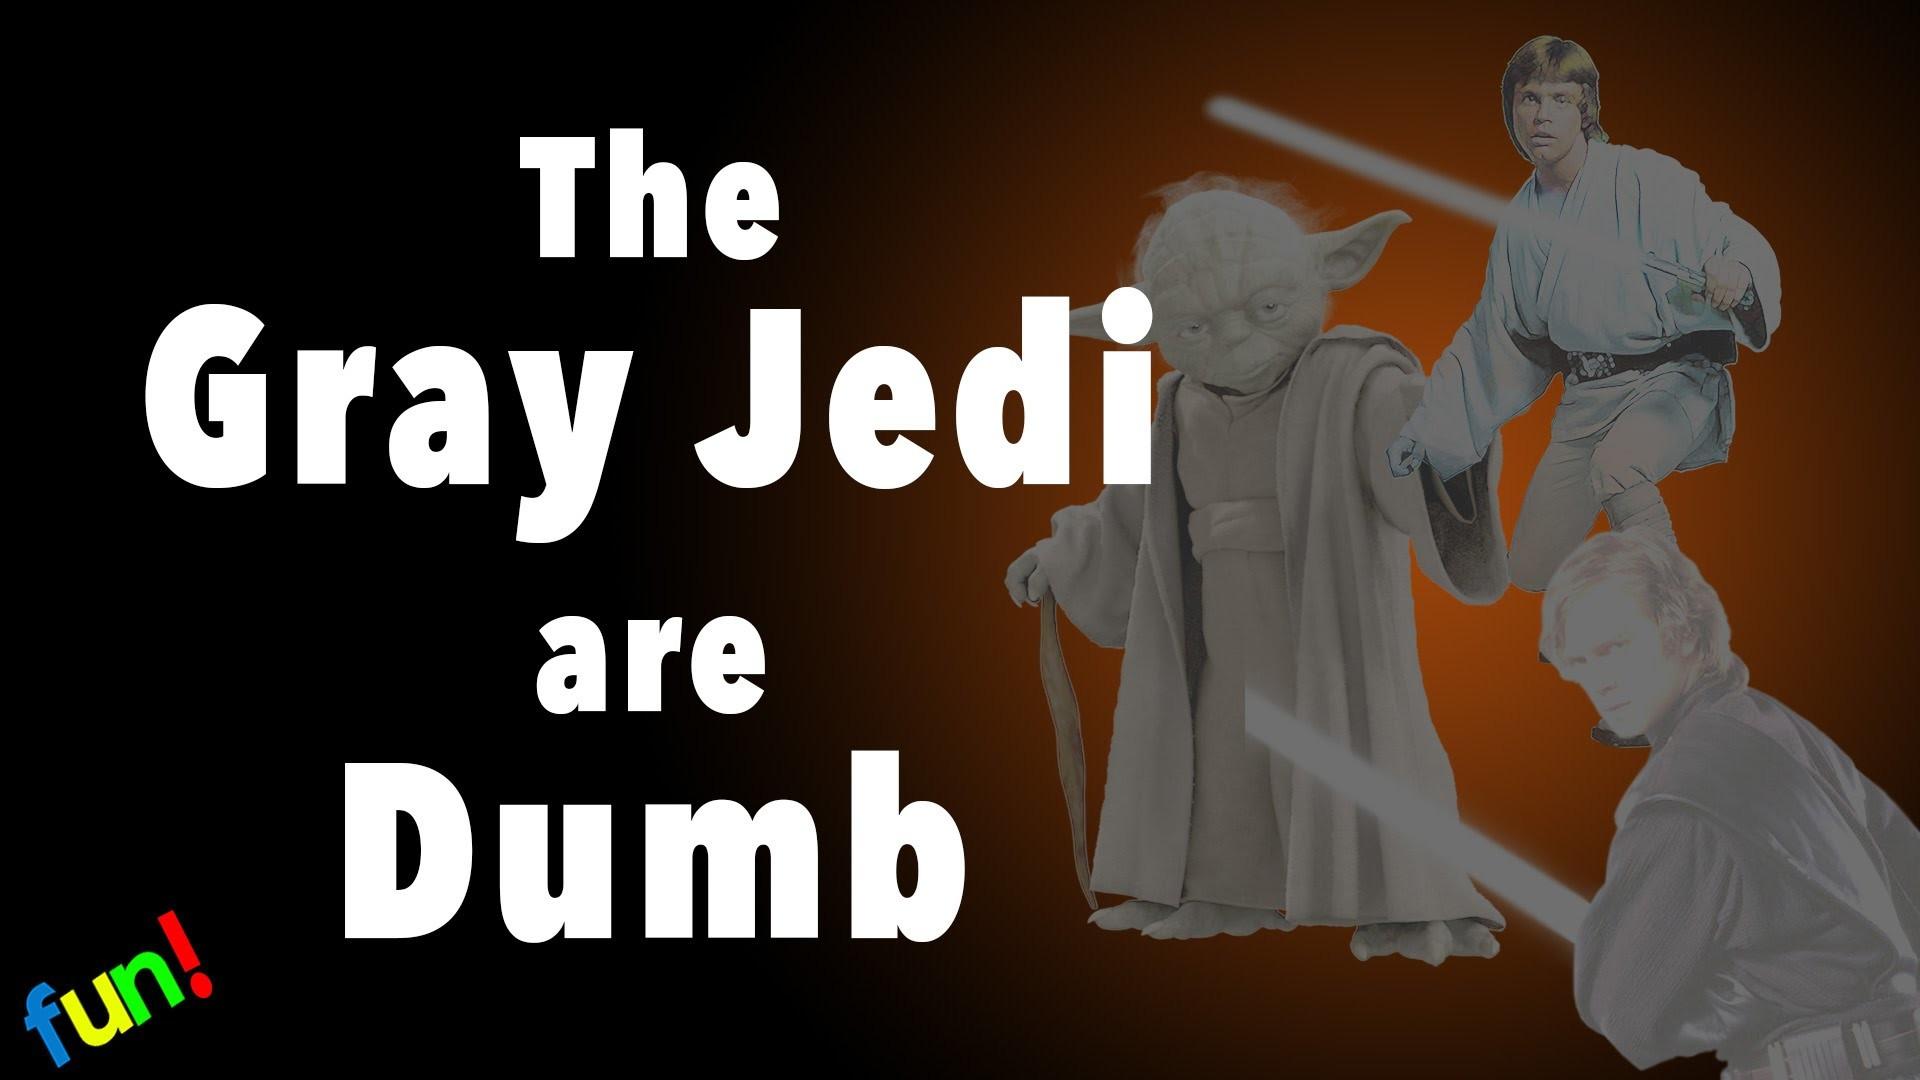 The Gray Jedi Are Dumb – Funnecessary